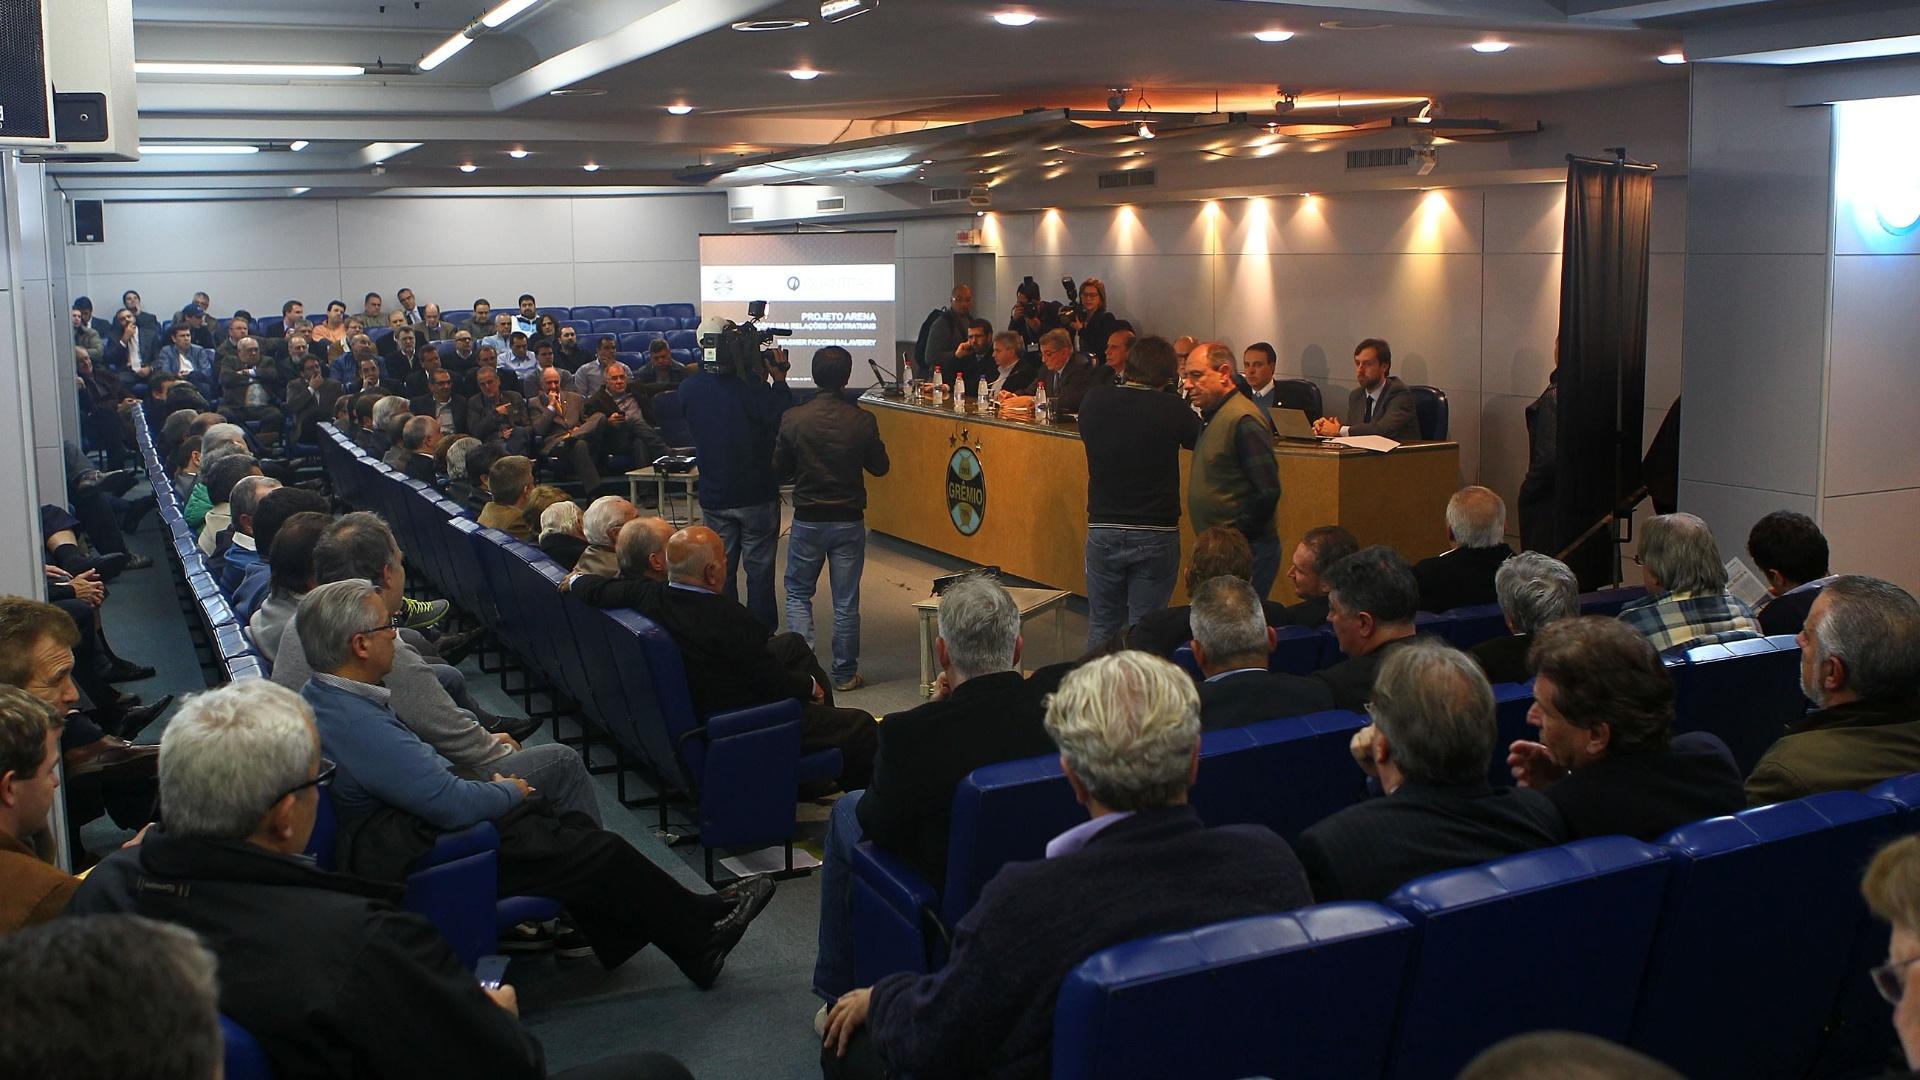 Conselho Deliberativo do Grêmio reunido para apreciar novo contrato da Arena